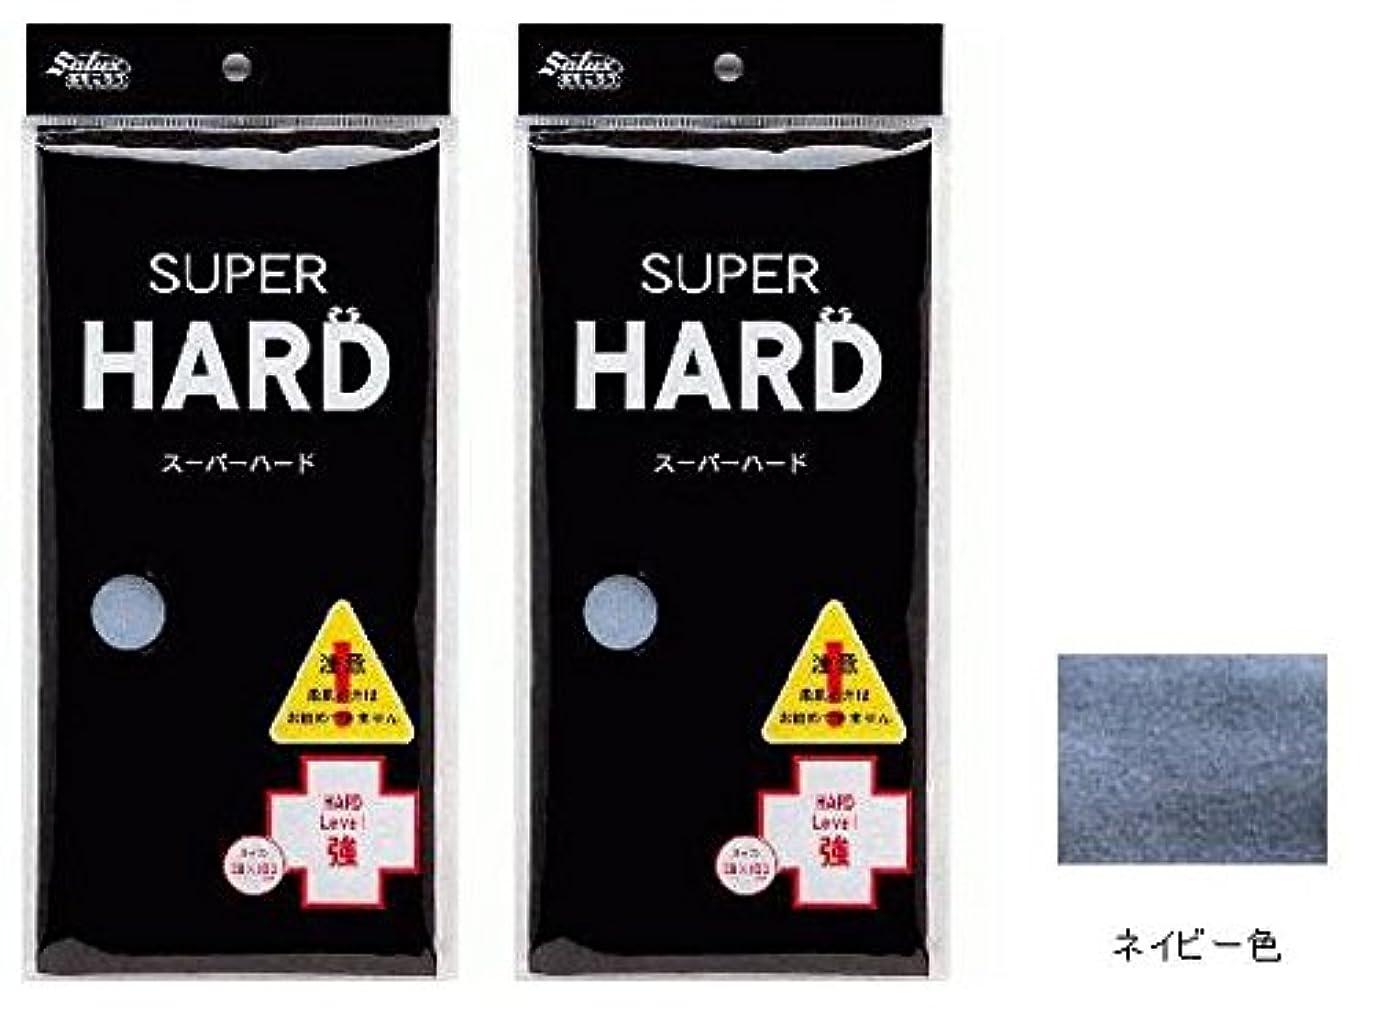 ハーネス不名誉な嵐サラックススーパーハード ハードレベル強 ネイビー×2個セット